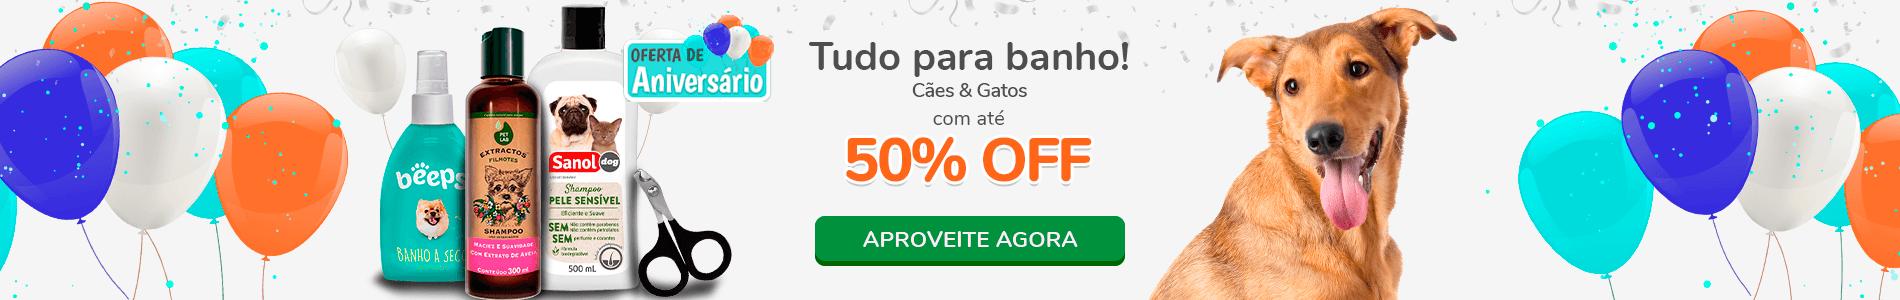 TUDO-PARA-BANHO